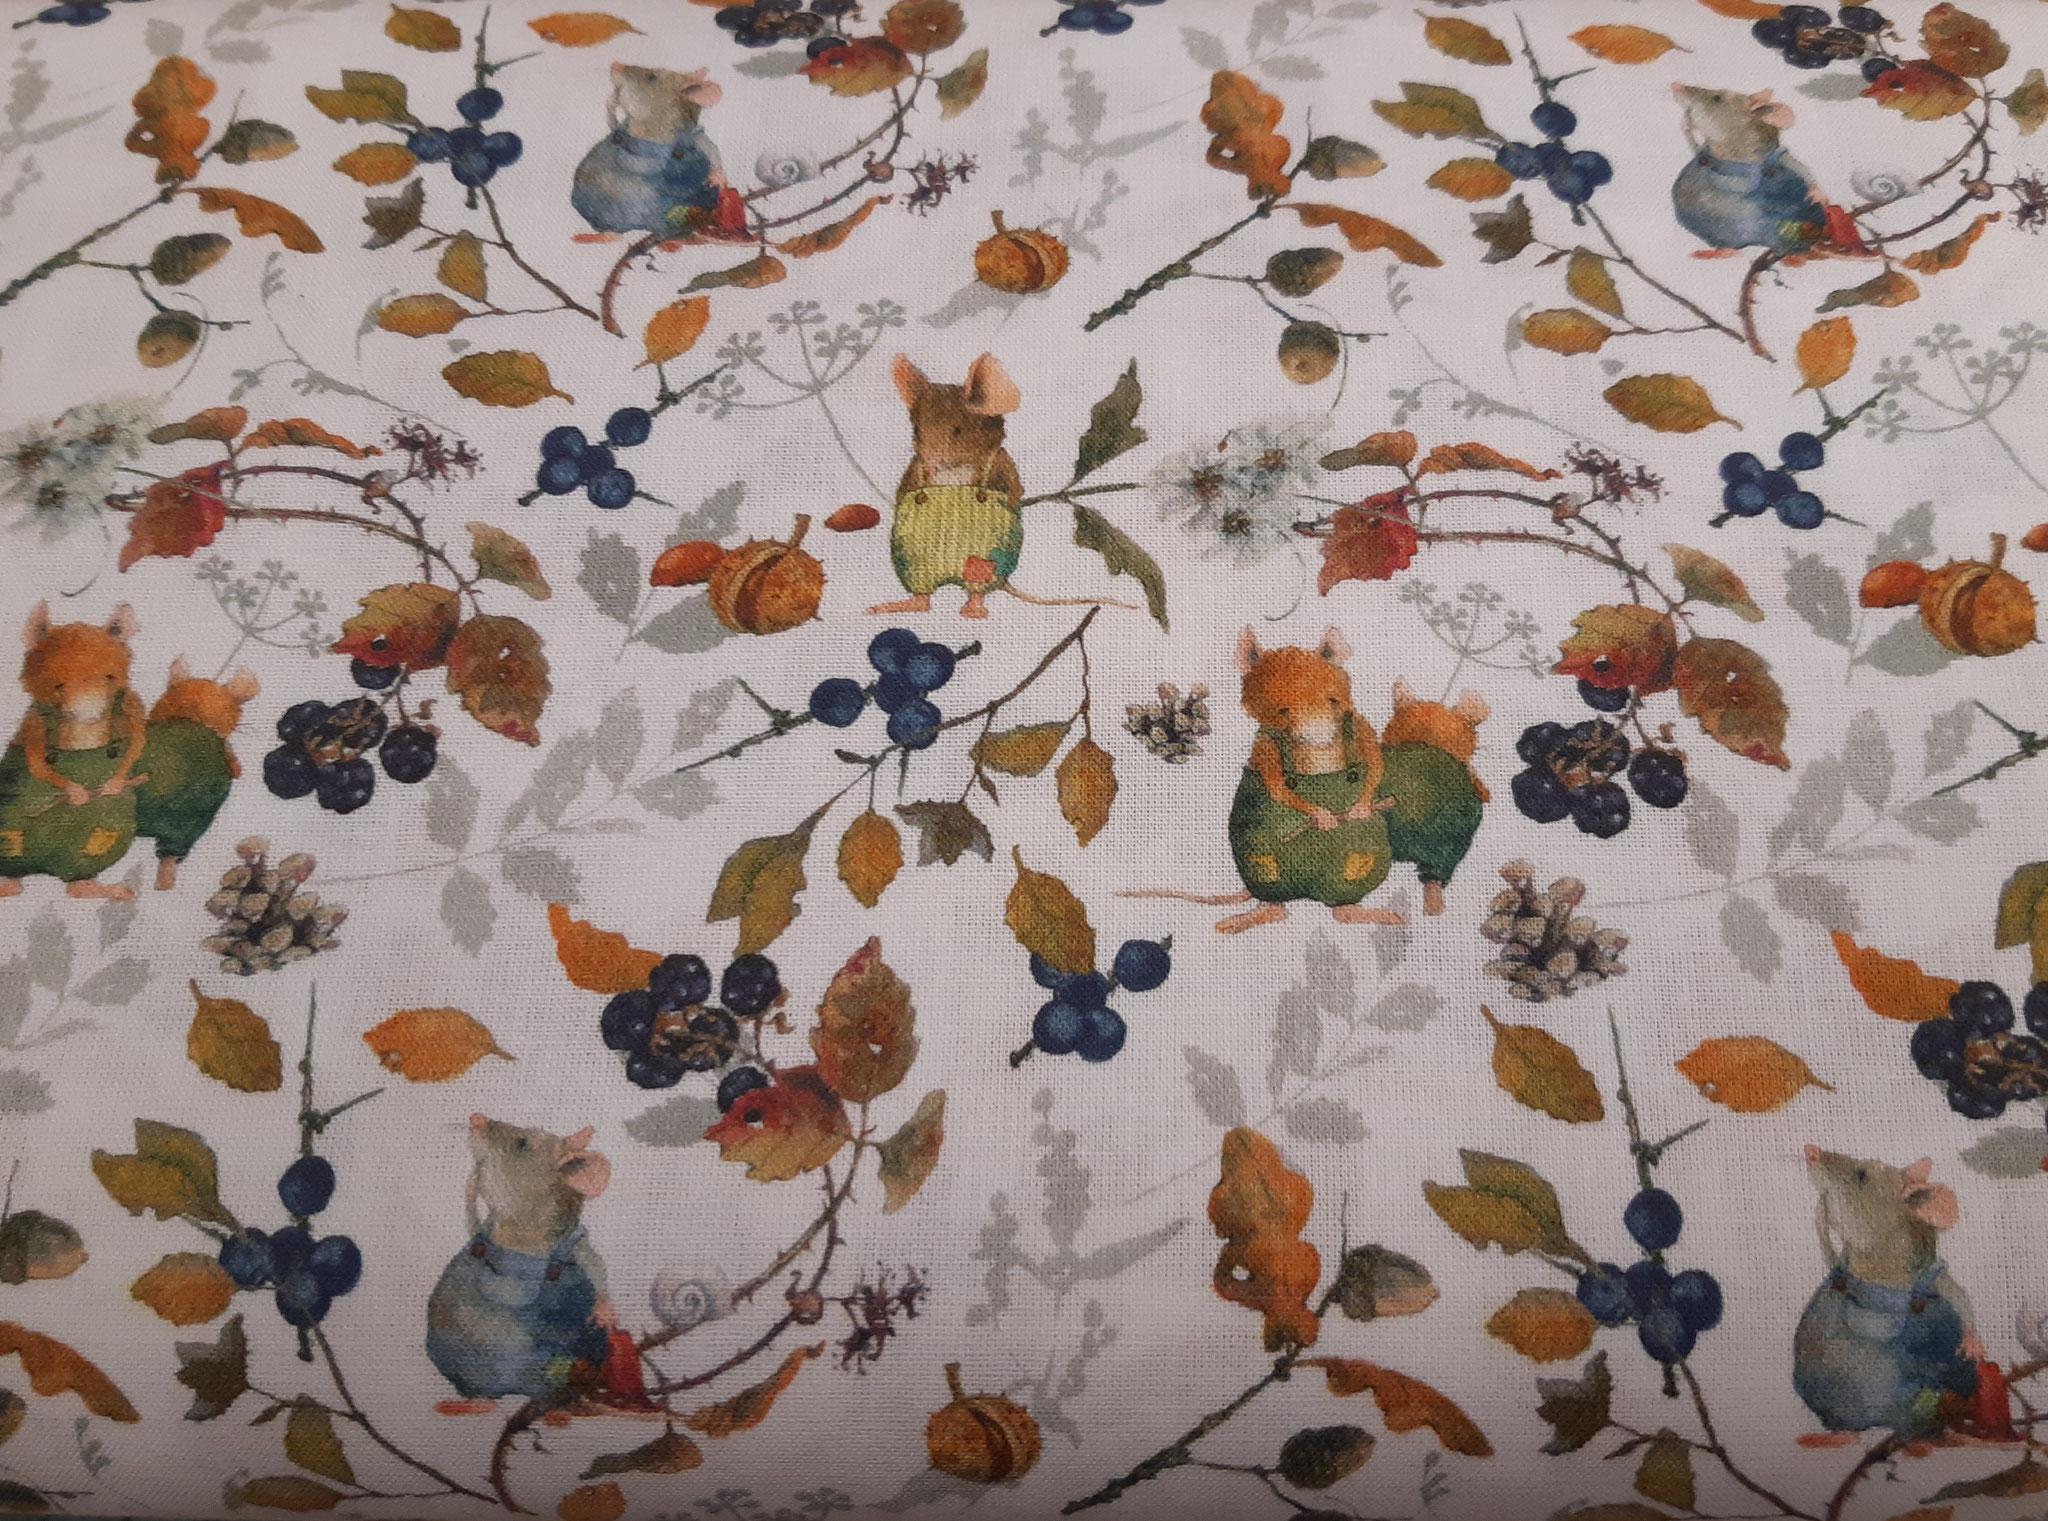 Baumwolle Herbst/ Mäuse/ Laub/ Früchte, 140cm breit, 0.5m 11.50€